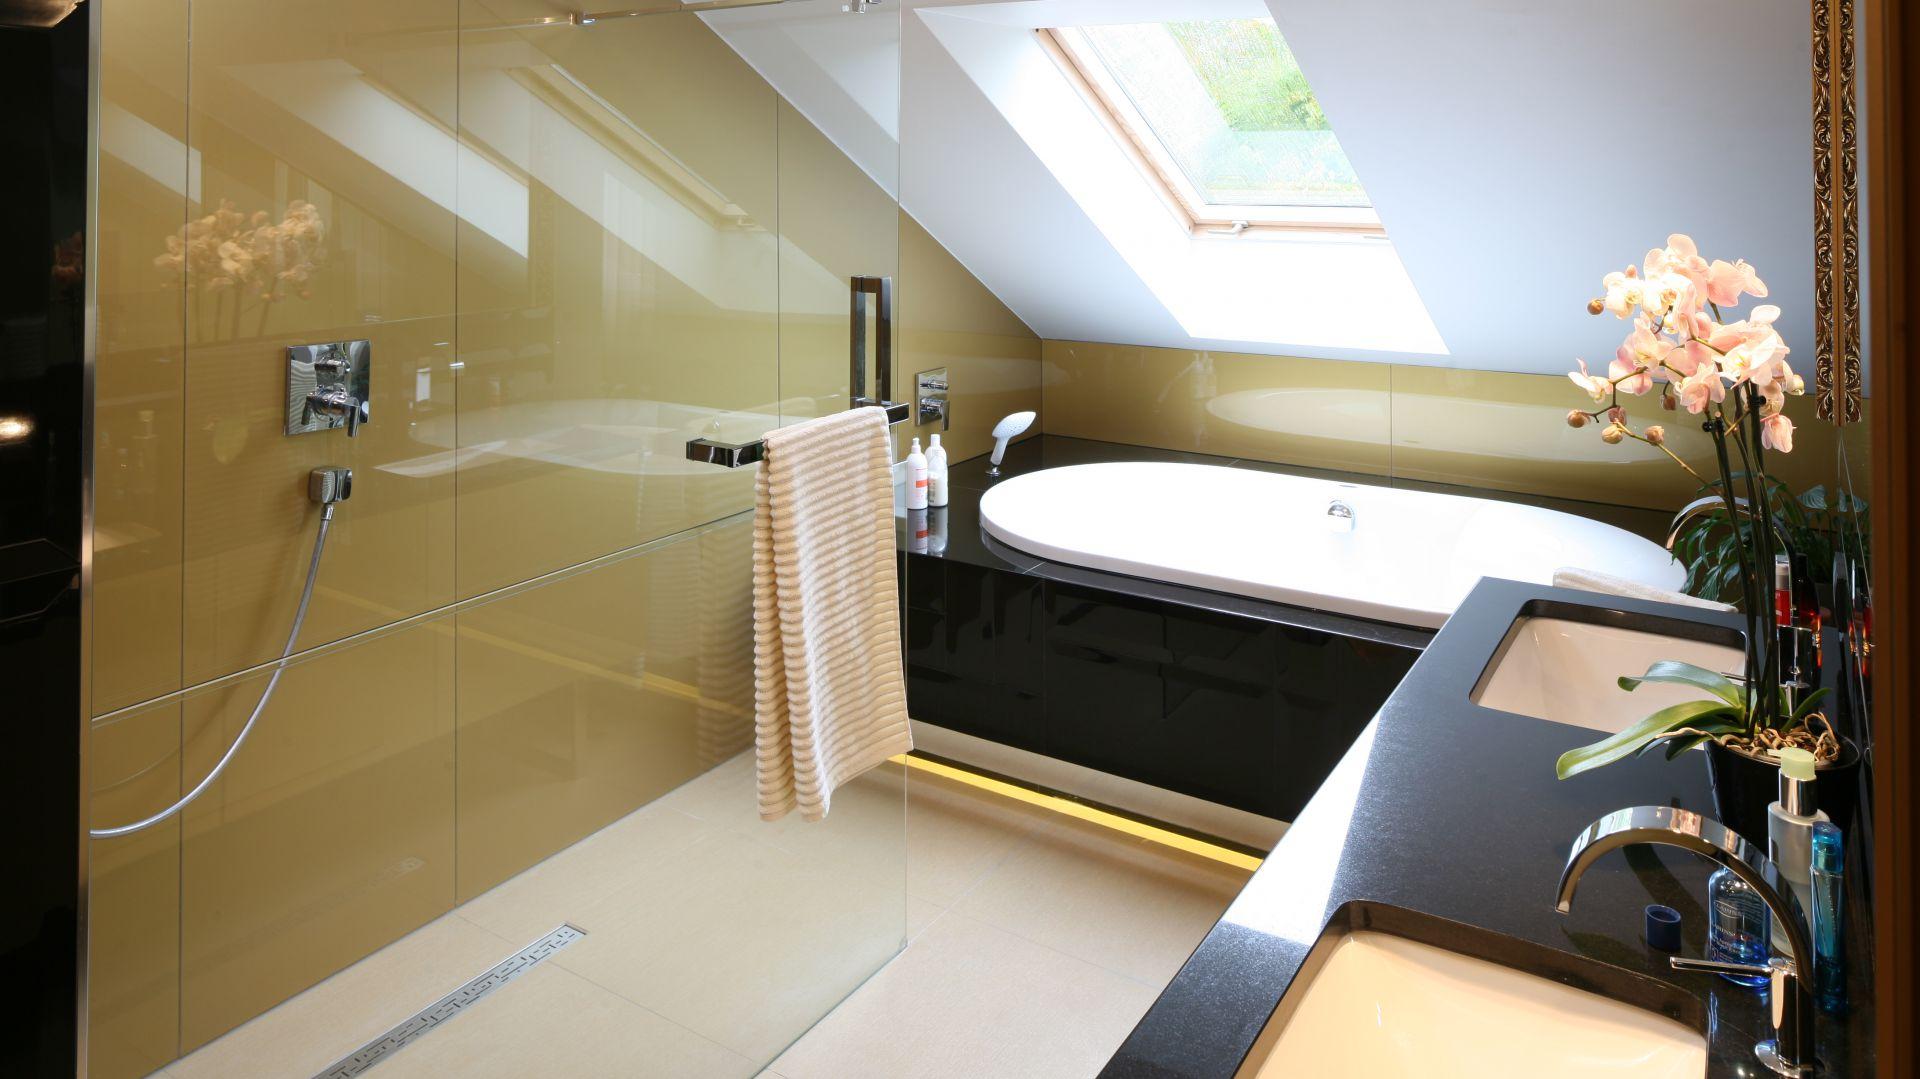 Łazienka z prysznicem. Projekt: Chantal Springer. Fot. Bartosz Jarosz